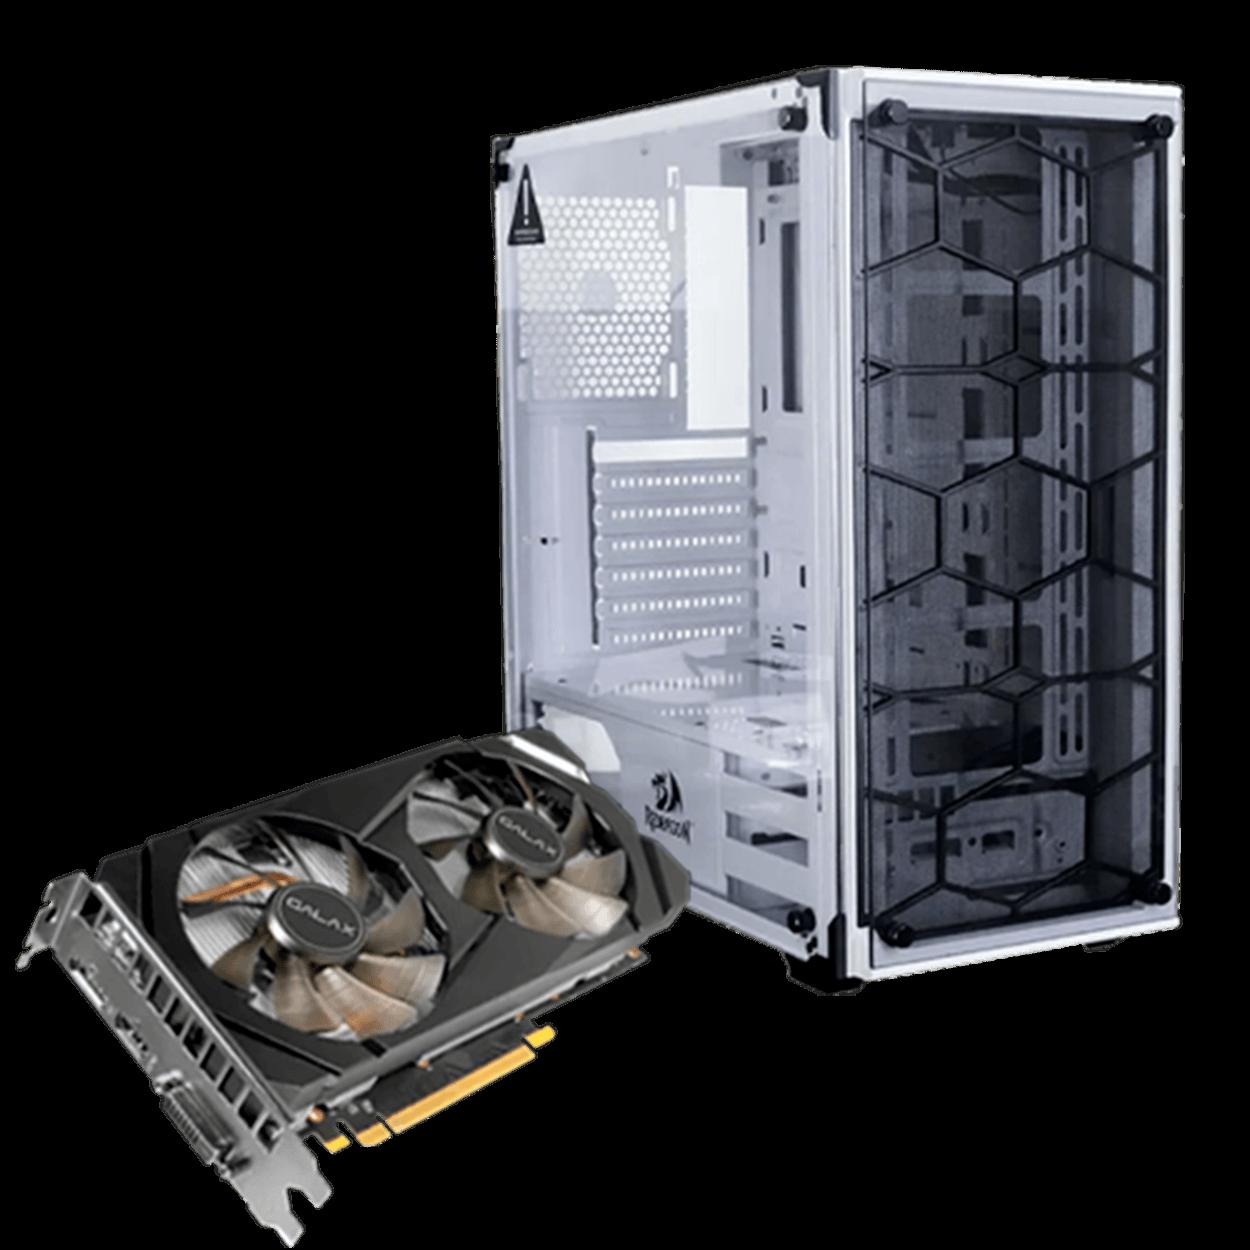 Computador Gamer Infohard Intel I5-9400F, 16GB DDR4, 480GB SSD, GTX1650 GB, 600W, H310CM-HG4 - 634784